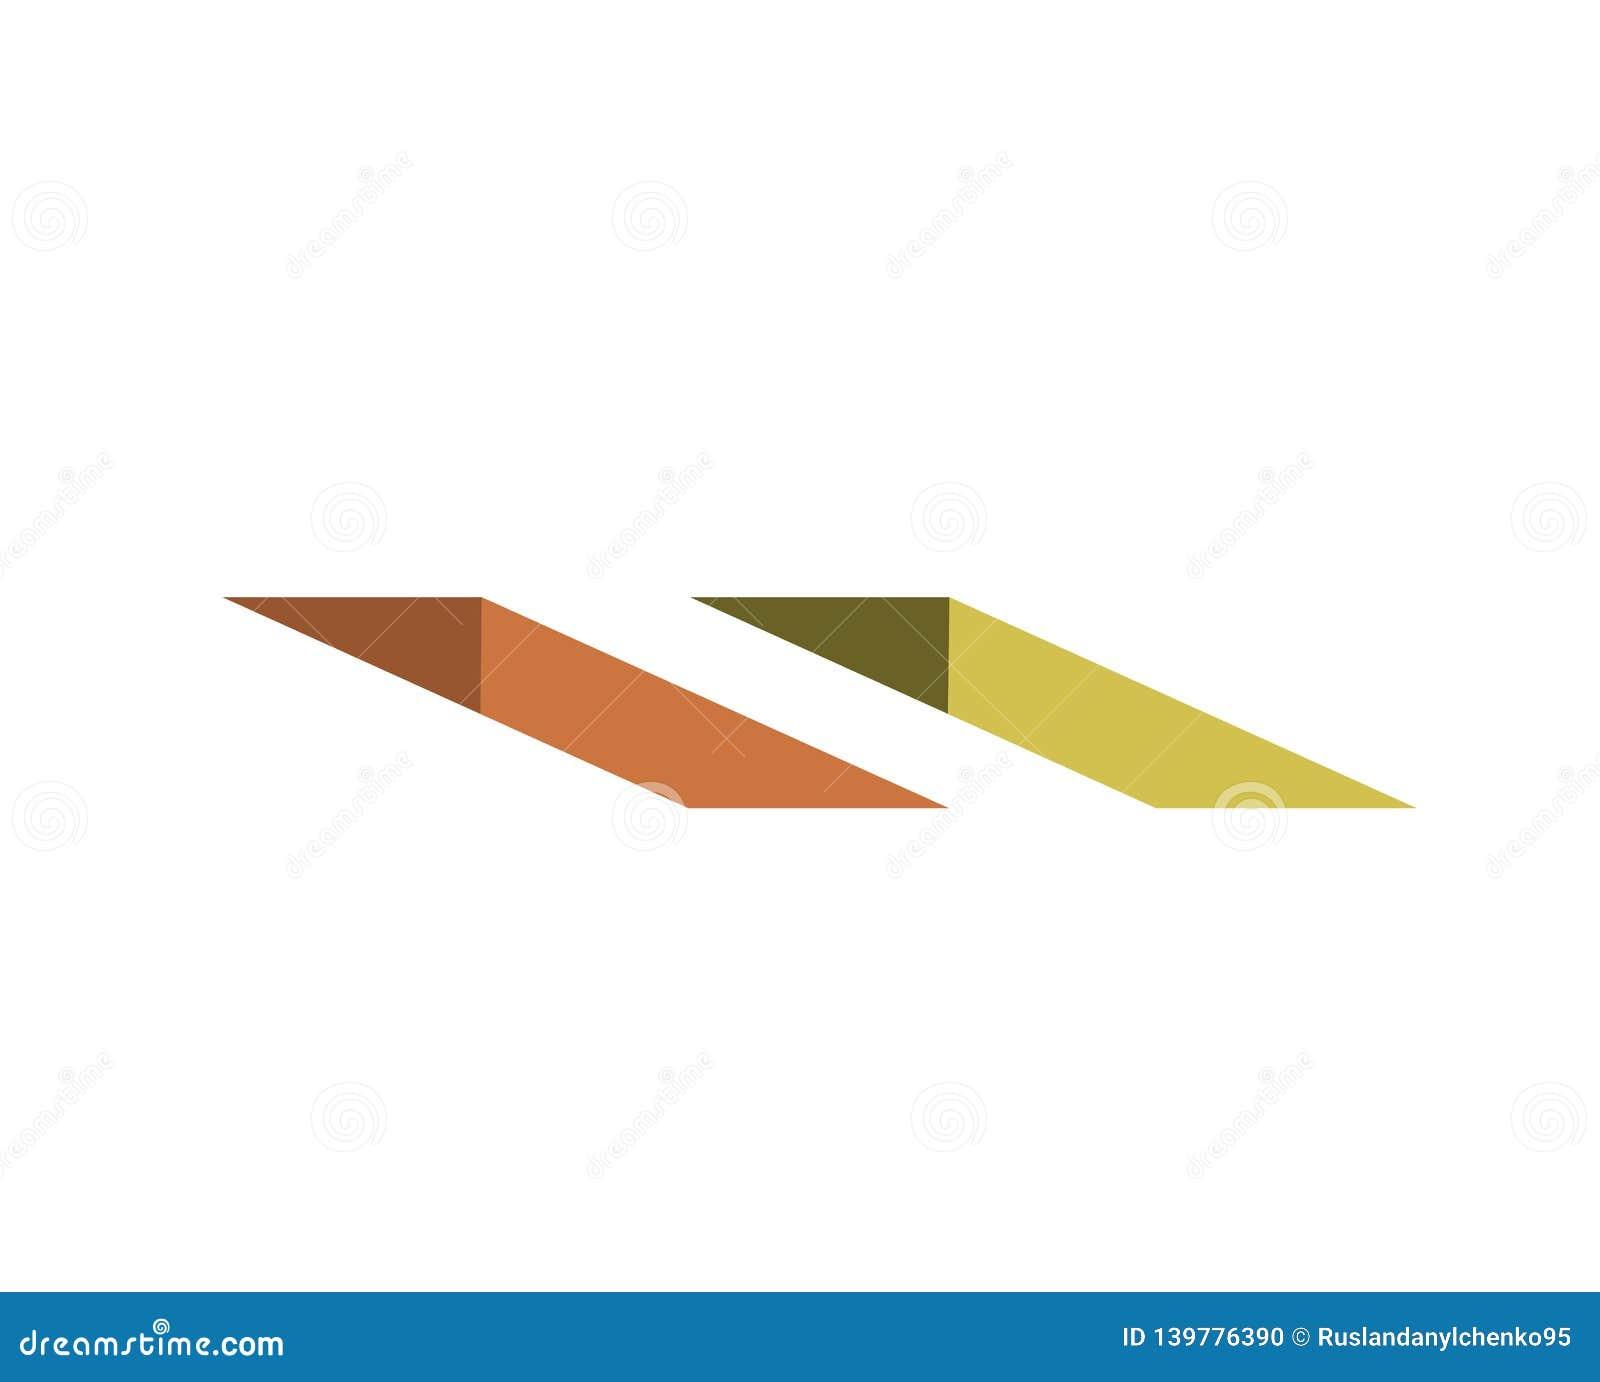 För kolonnbild för askar 3d platta vektorklassiker grop